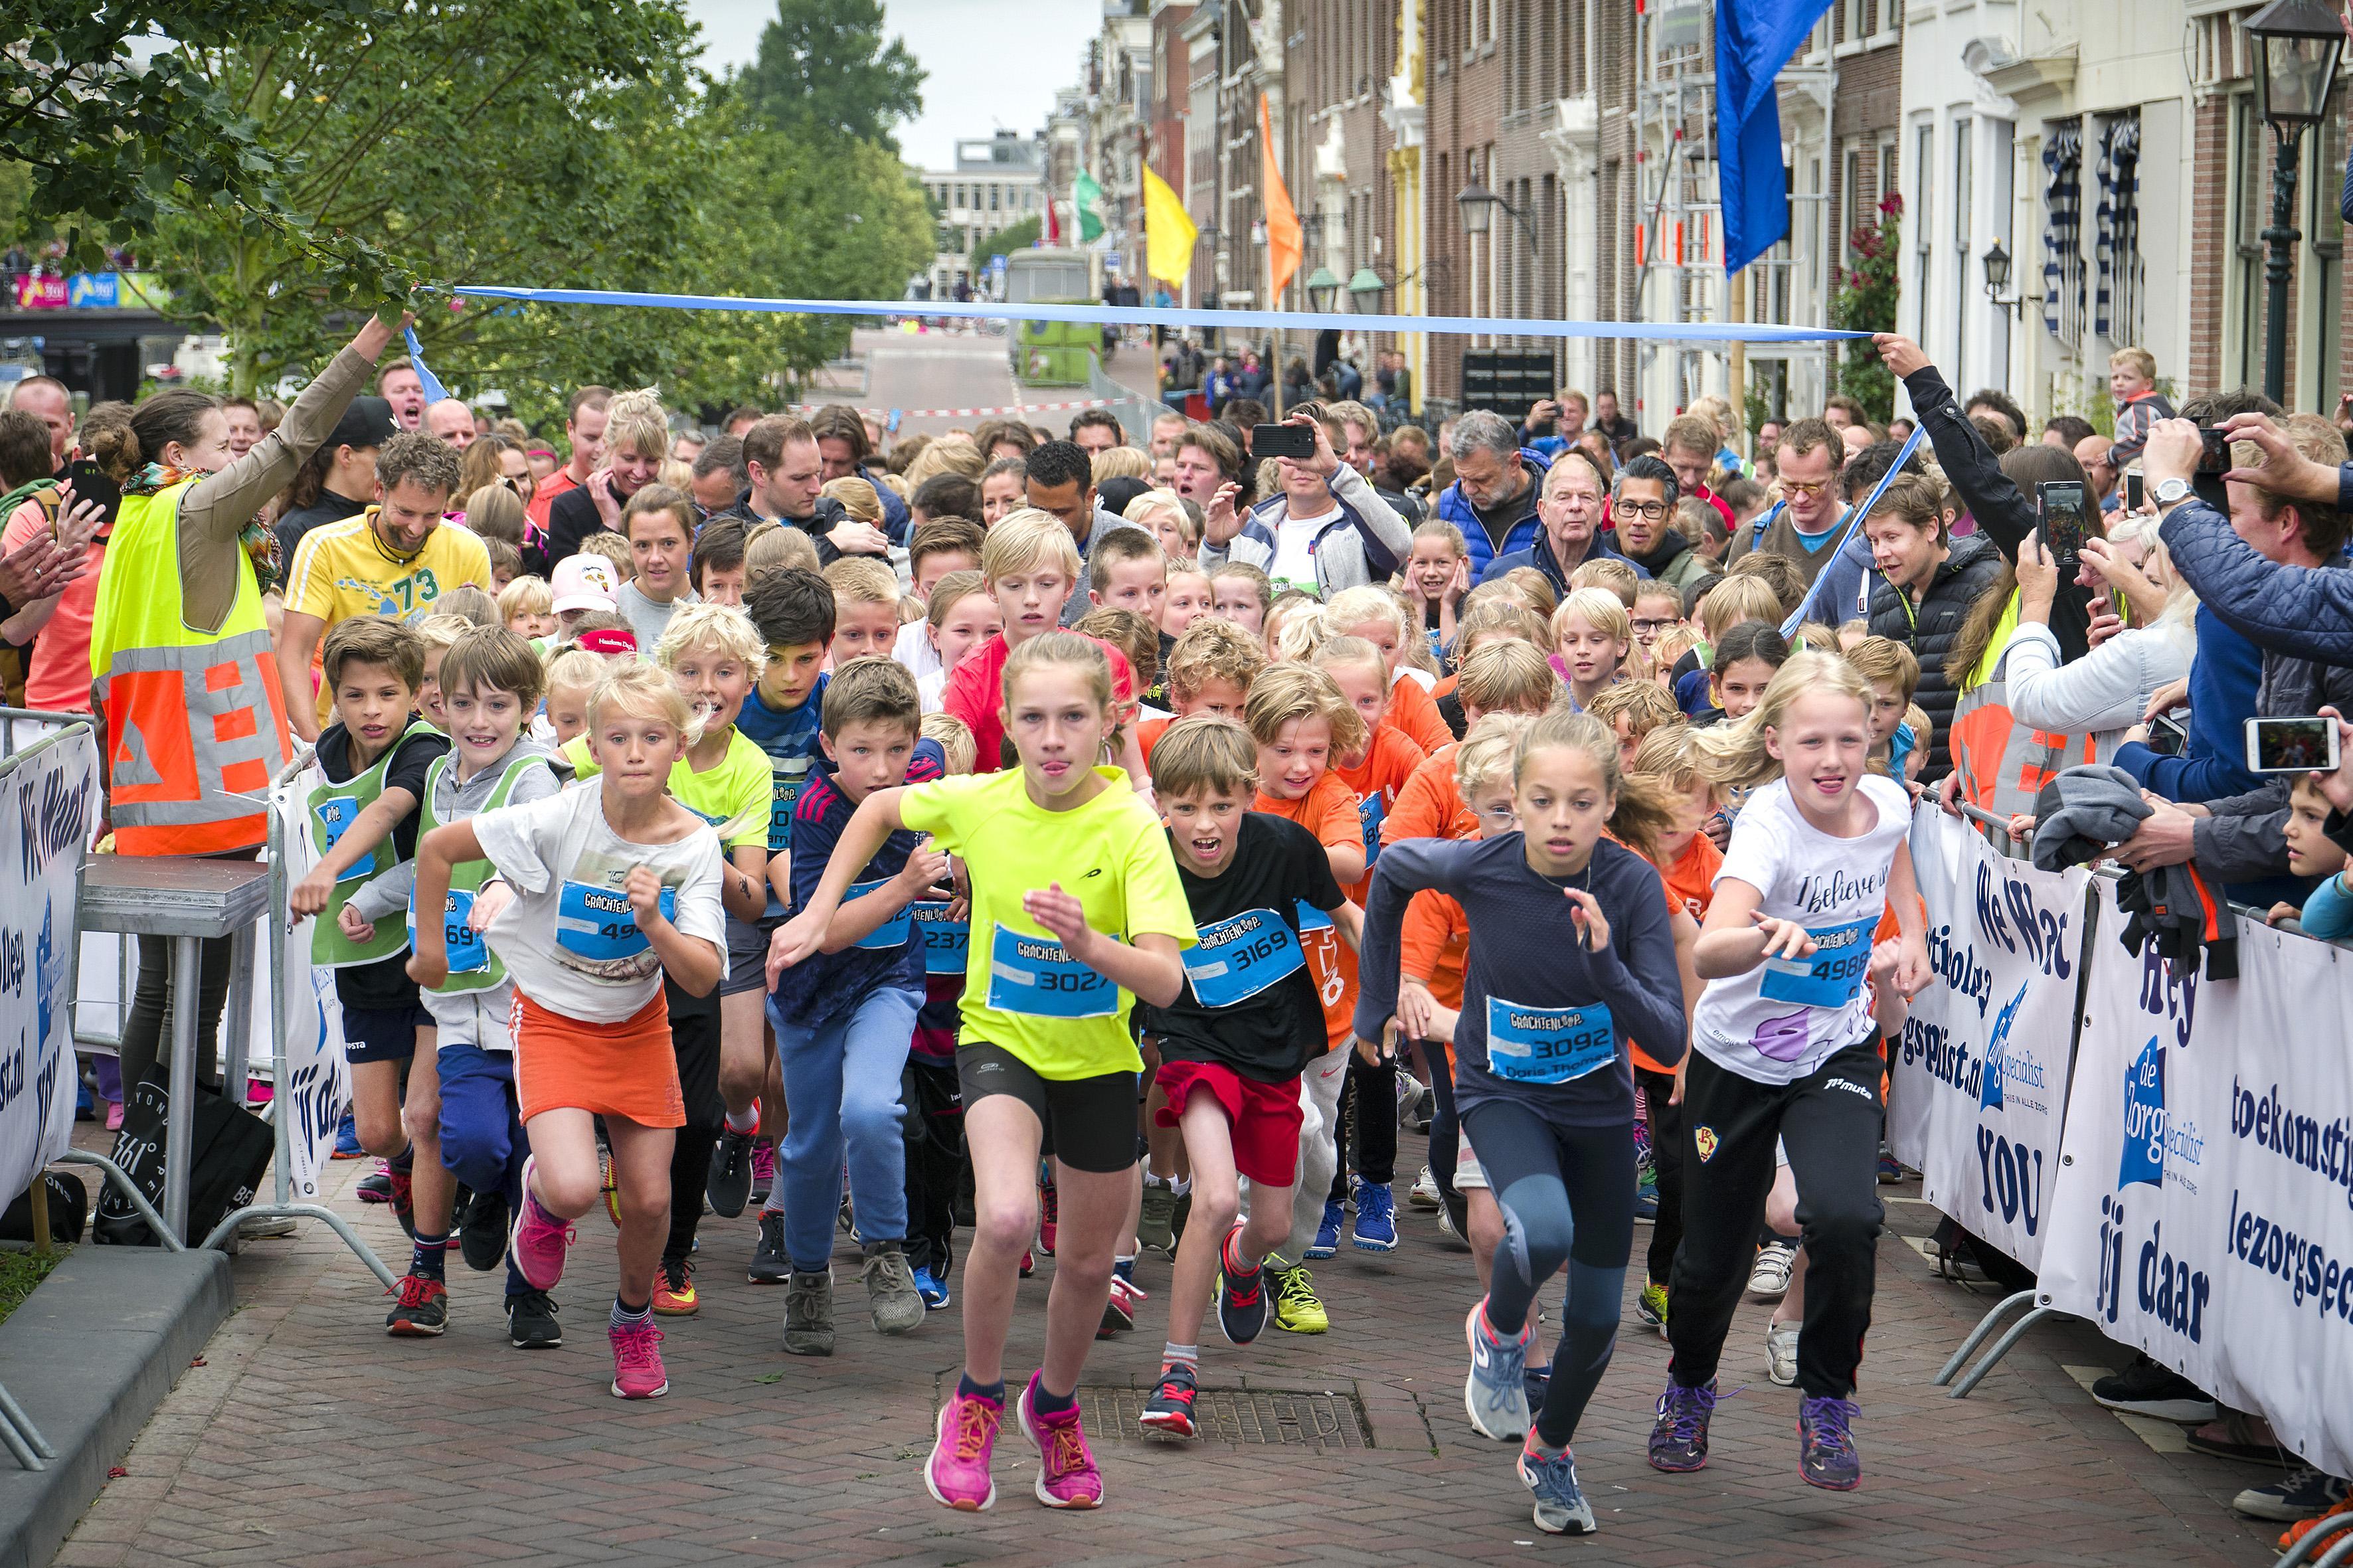 'Blijf vooral trainen, zodat je klaar bent voor de start', zegt Jerry Buitendijk van SportSupport over de regionale loopevenementen